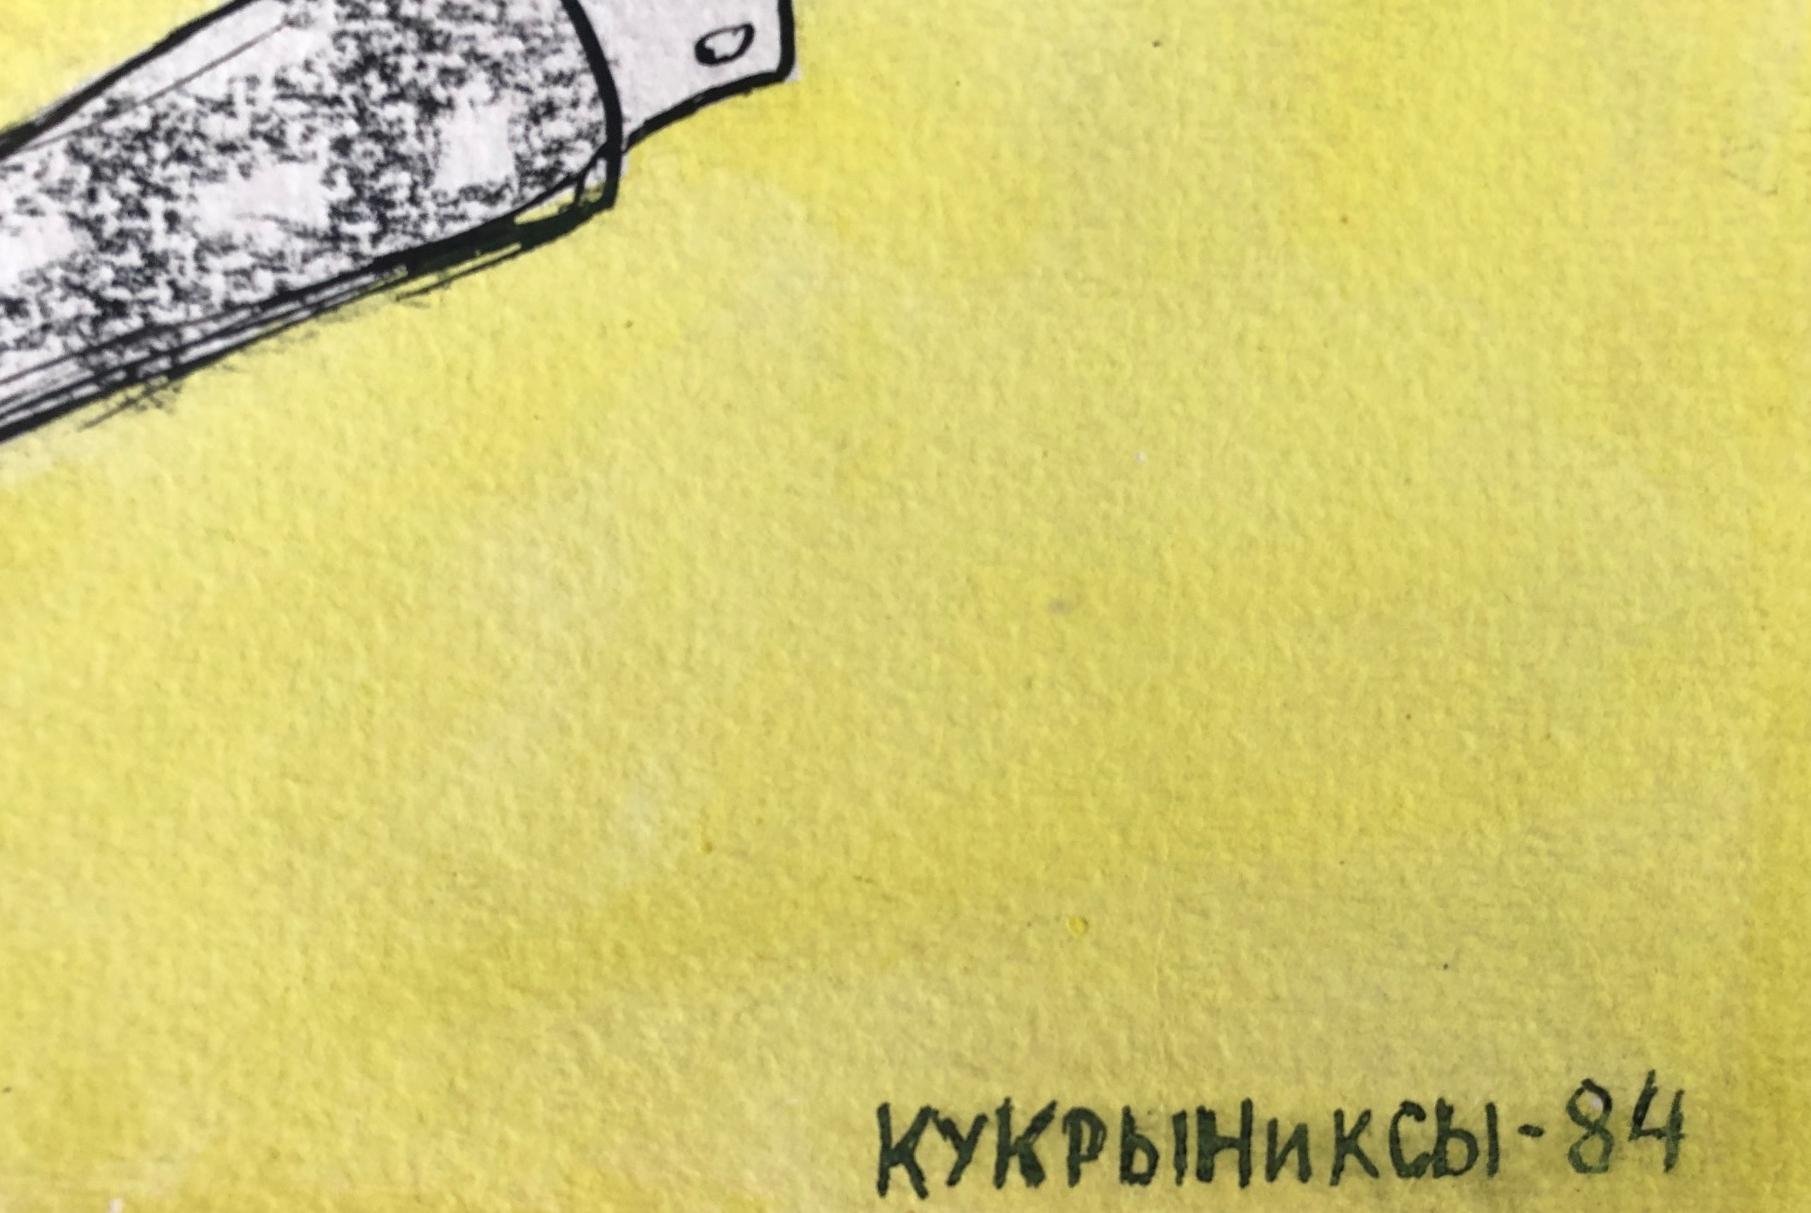 Подпись. Кукрыниксы . Вашингтонская игра в «переговоры» о ядерном вооружении